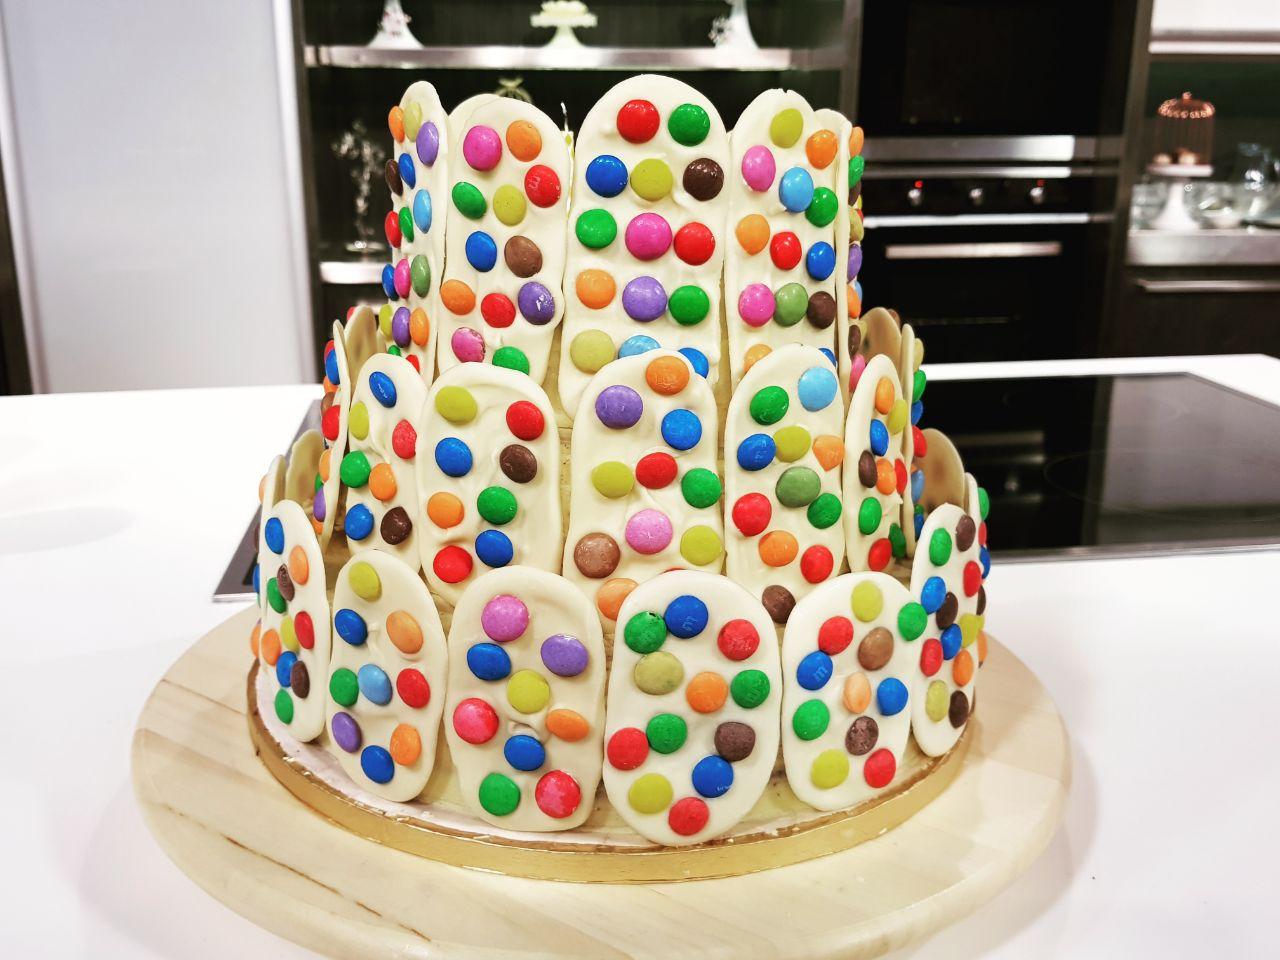 بالصور حلويات عيد ميلاد اطفال , اعياد ميلاد للاطفال وما الحلويات 2190 2